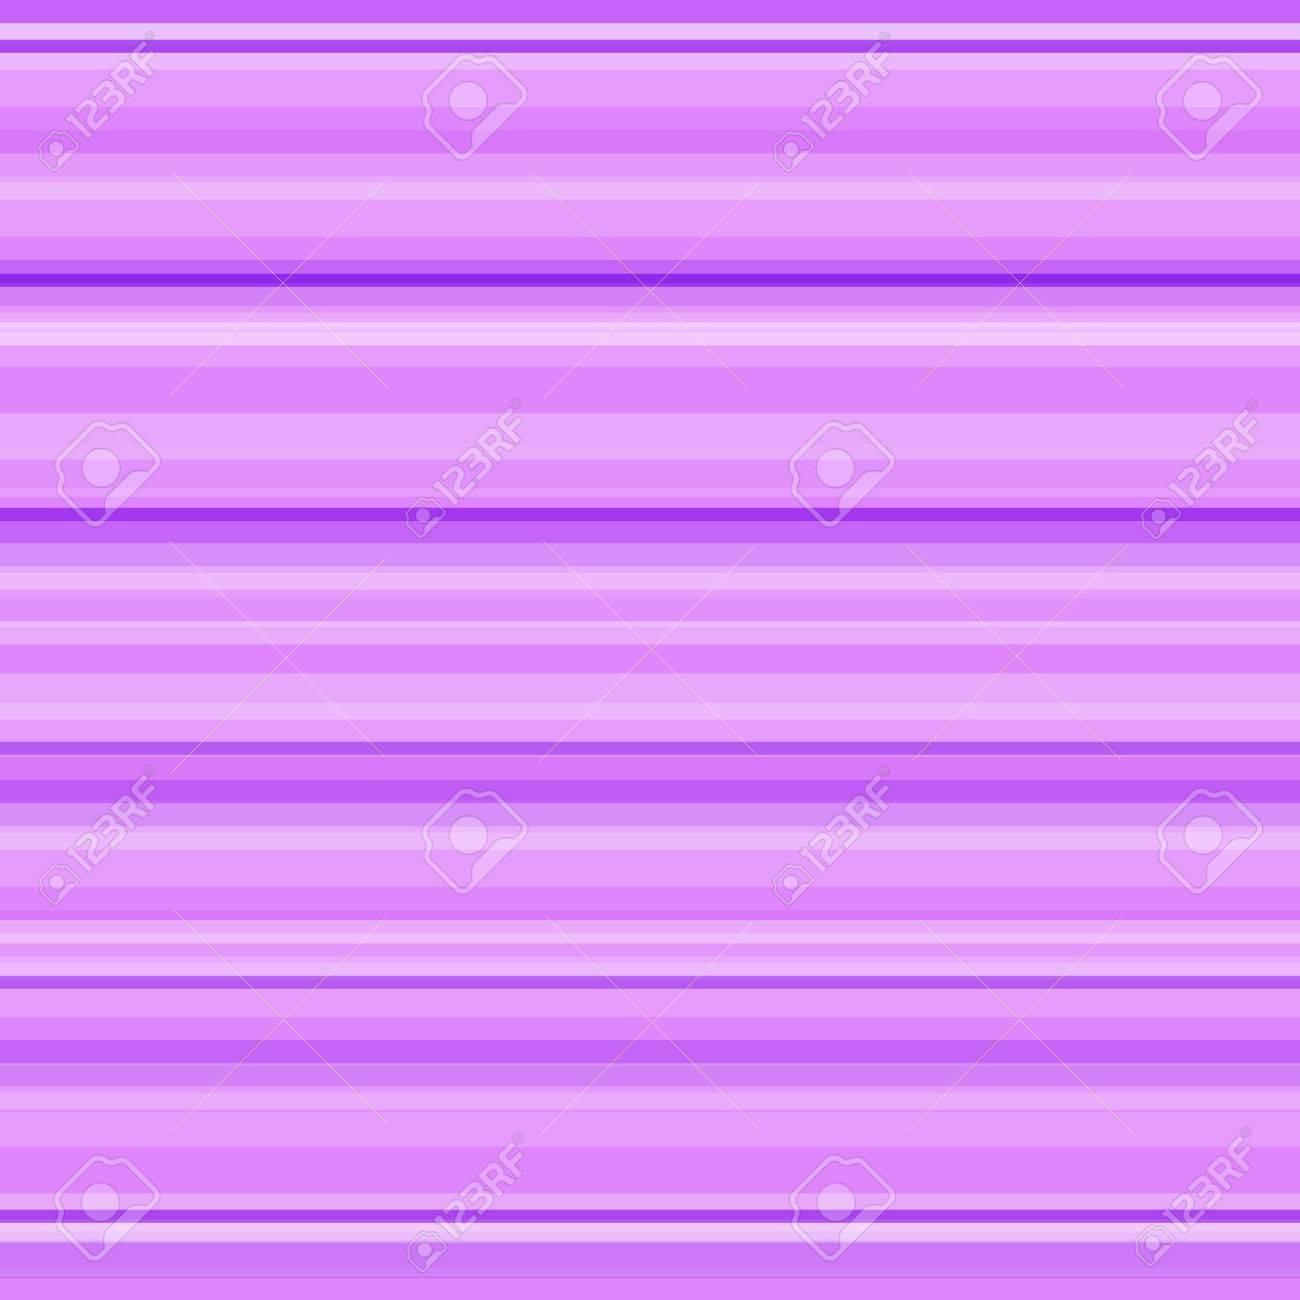 抽象的な縞模様の壁紙 かわいいデザインのベクトル イラスト ライト紫の色です シームレスな水平の背景 のイラスト素材 ベクタ Image